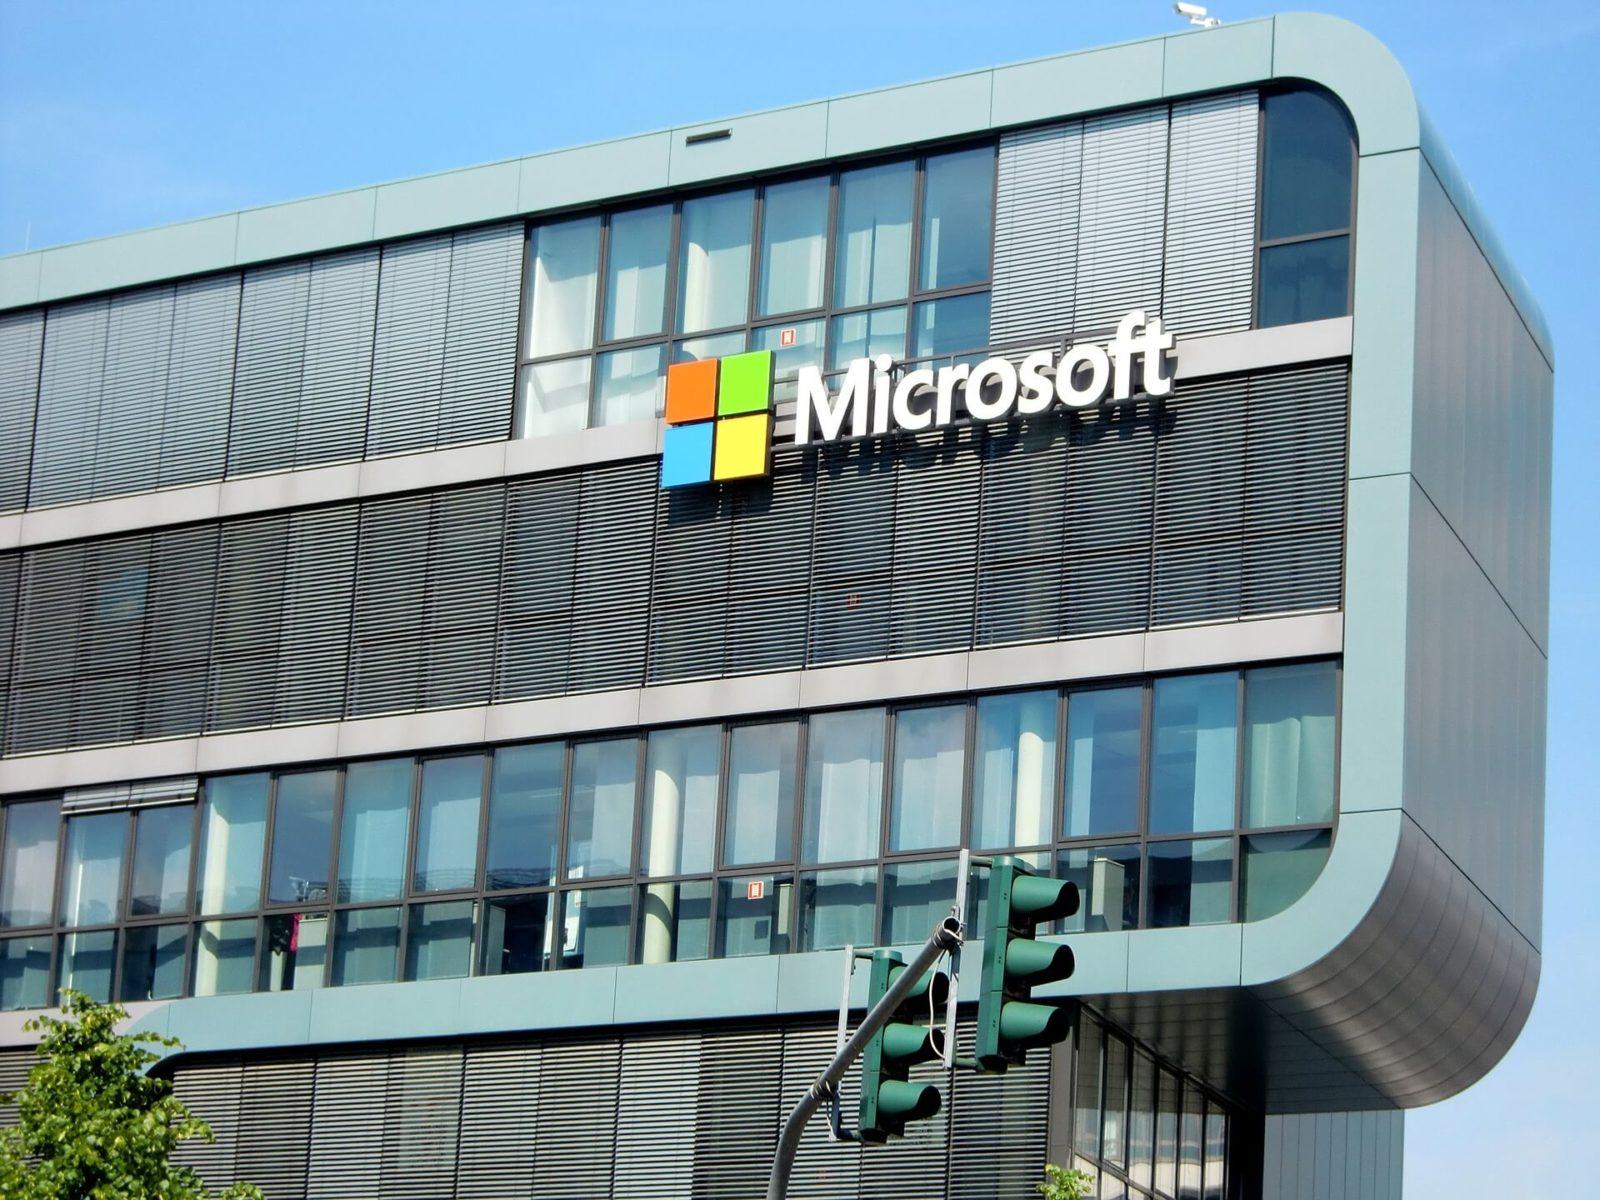 בניין חברת מיקרוסופט